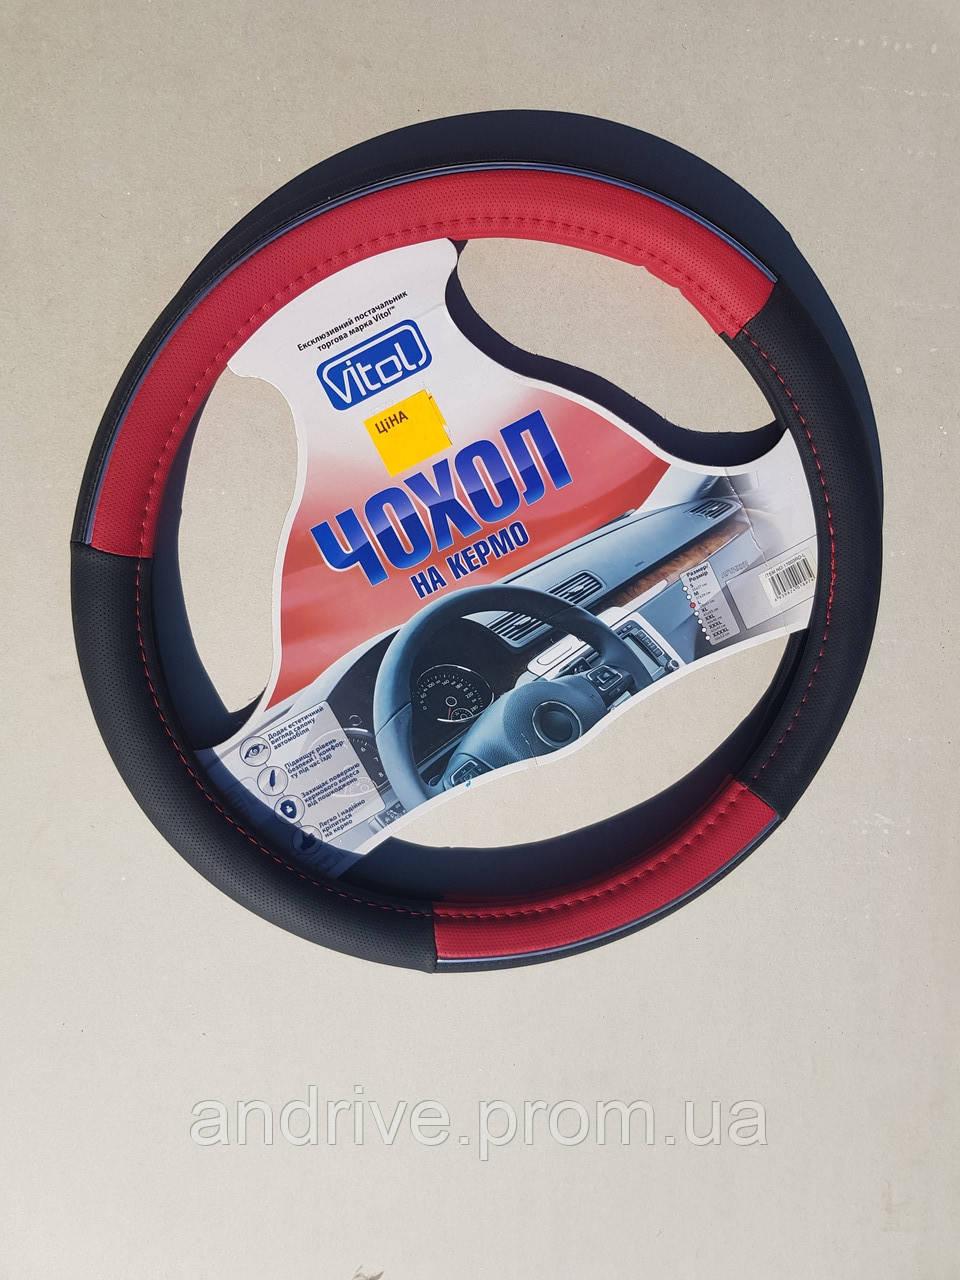 Чехол на руль Vitol черно-красный L (39-40 см)